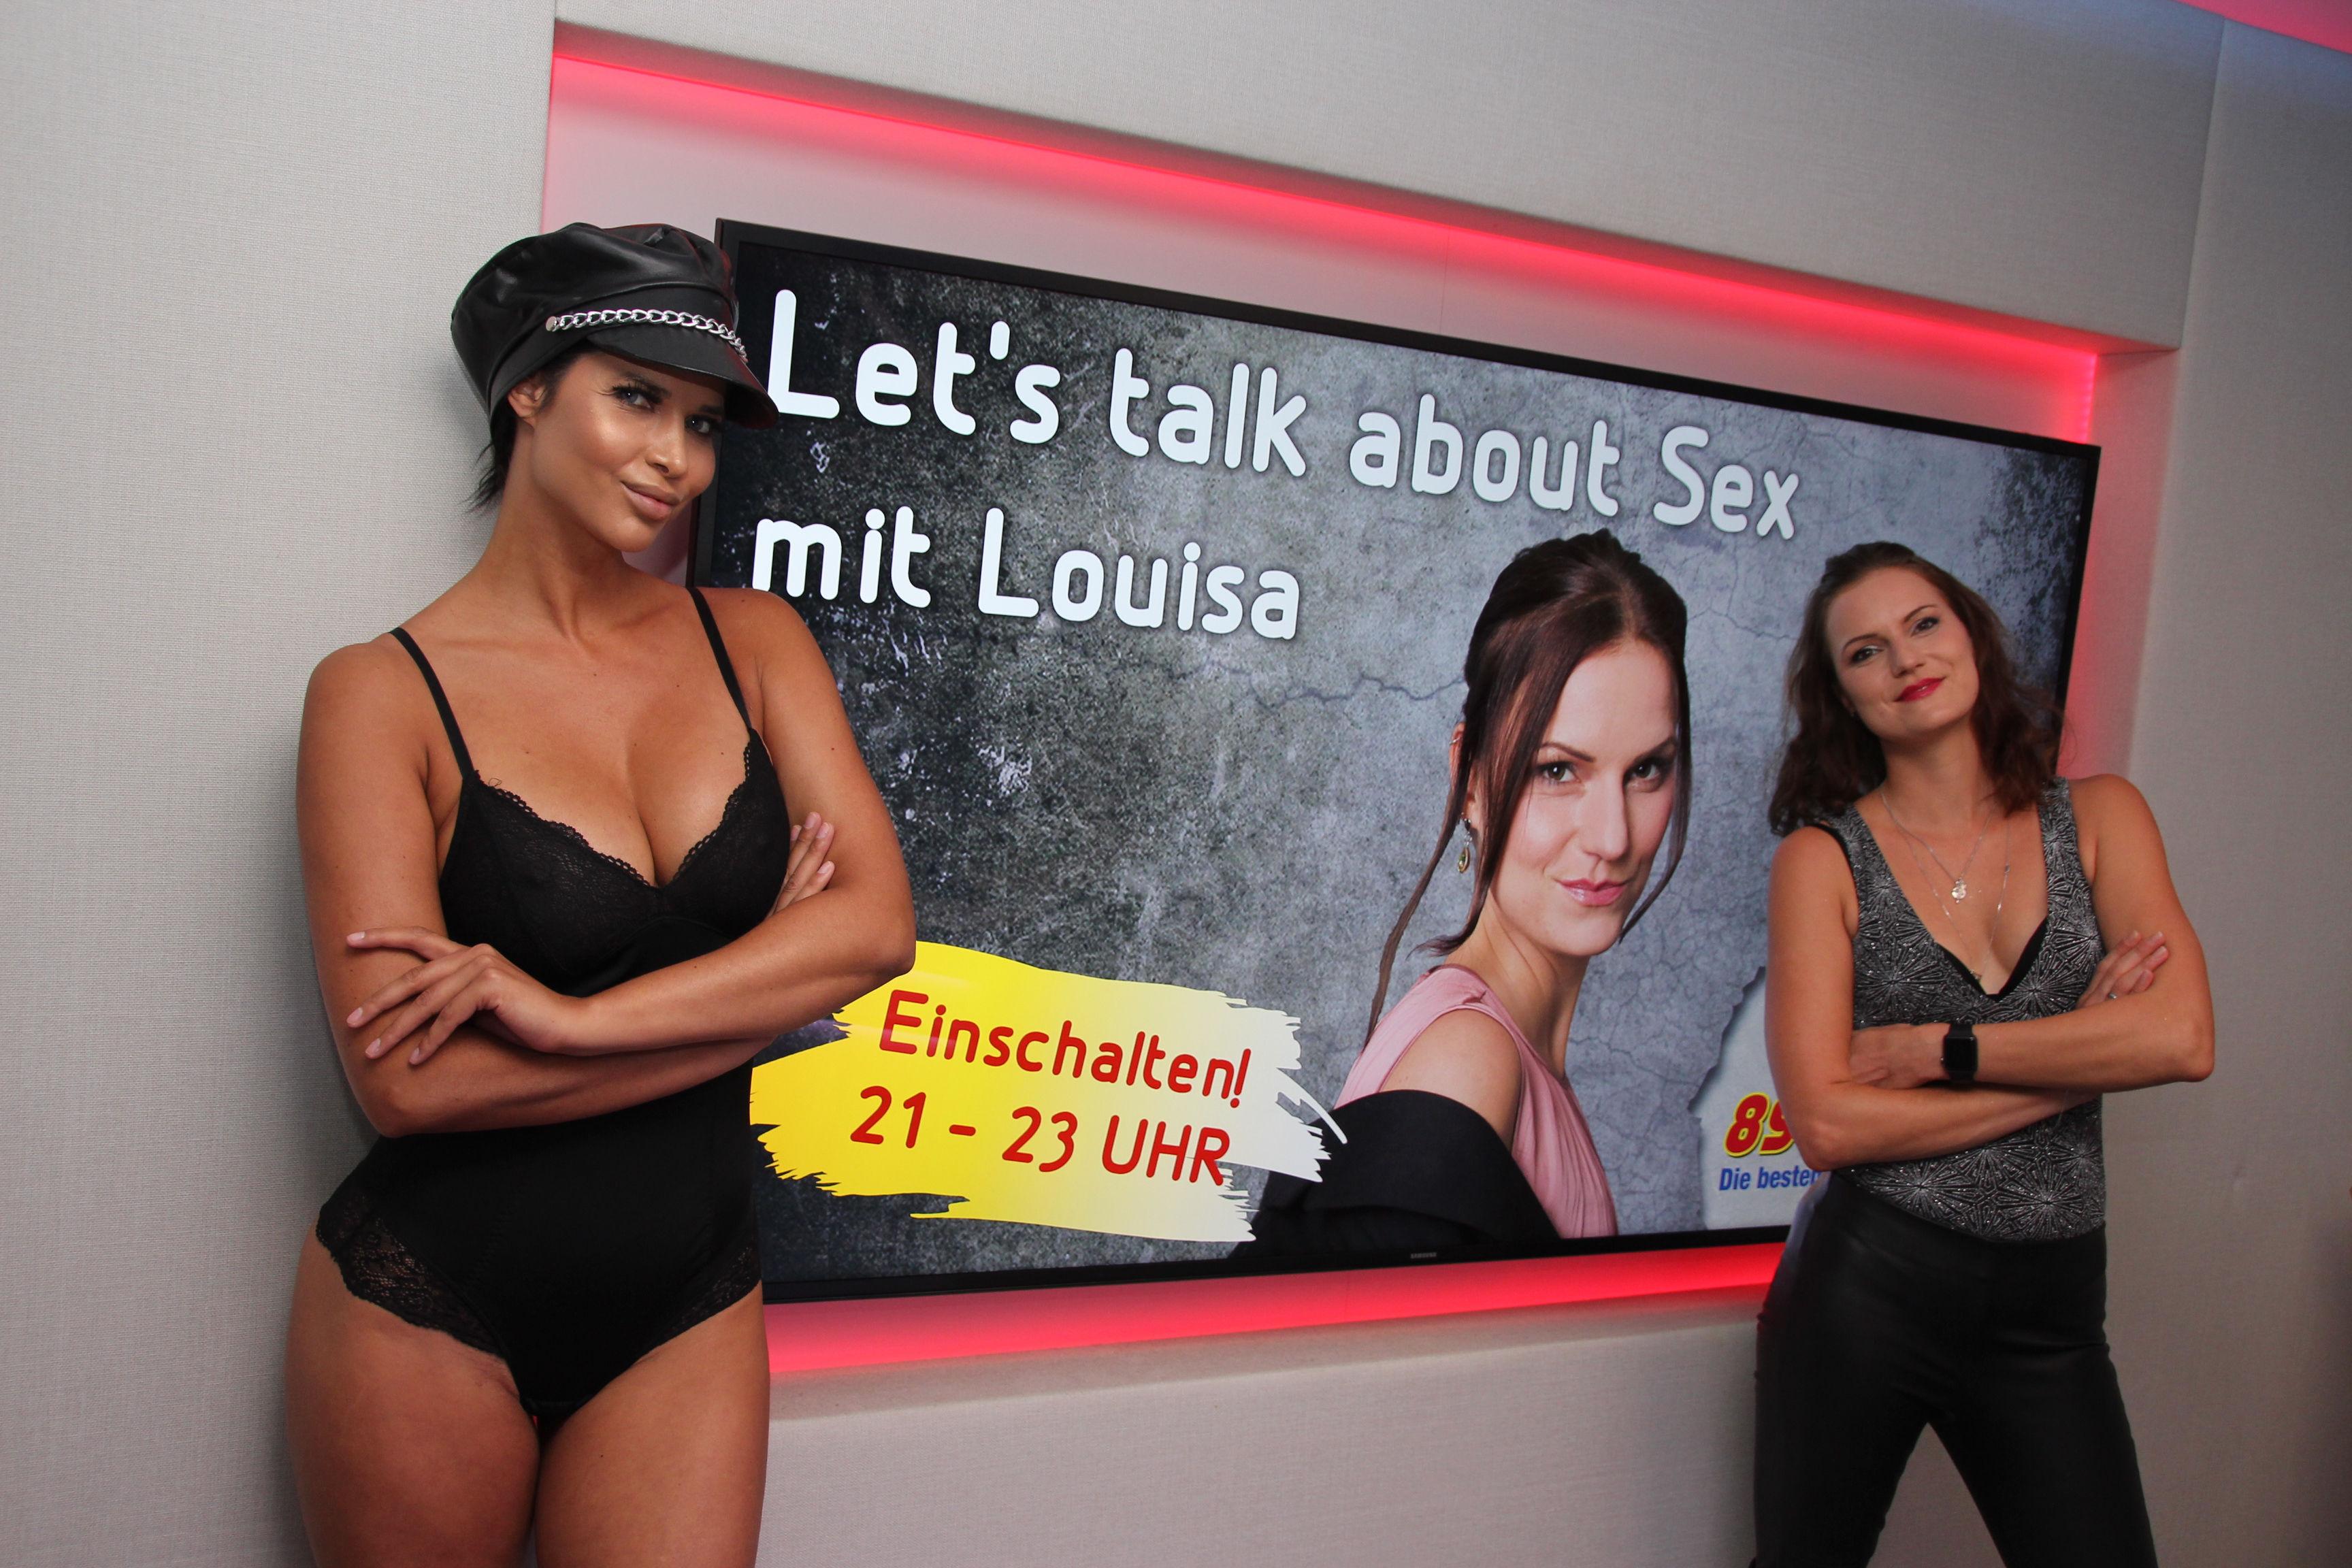 Micaela-Sch%C3%A4fer-Sexy-Topless-TheFappeningBlog.com-1.jpg